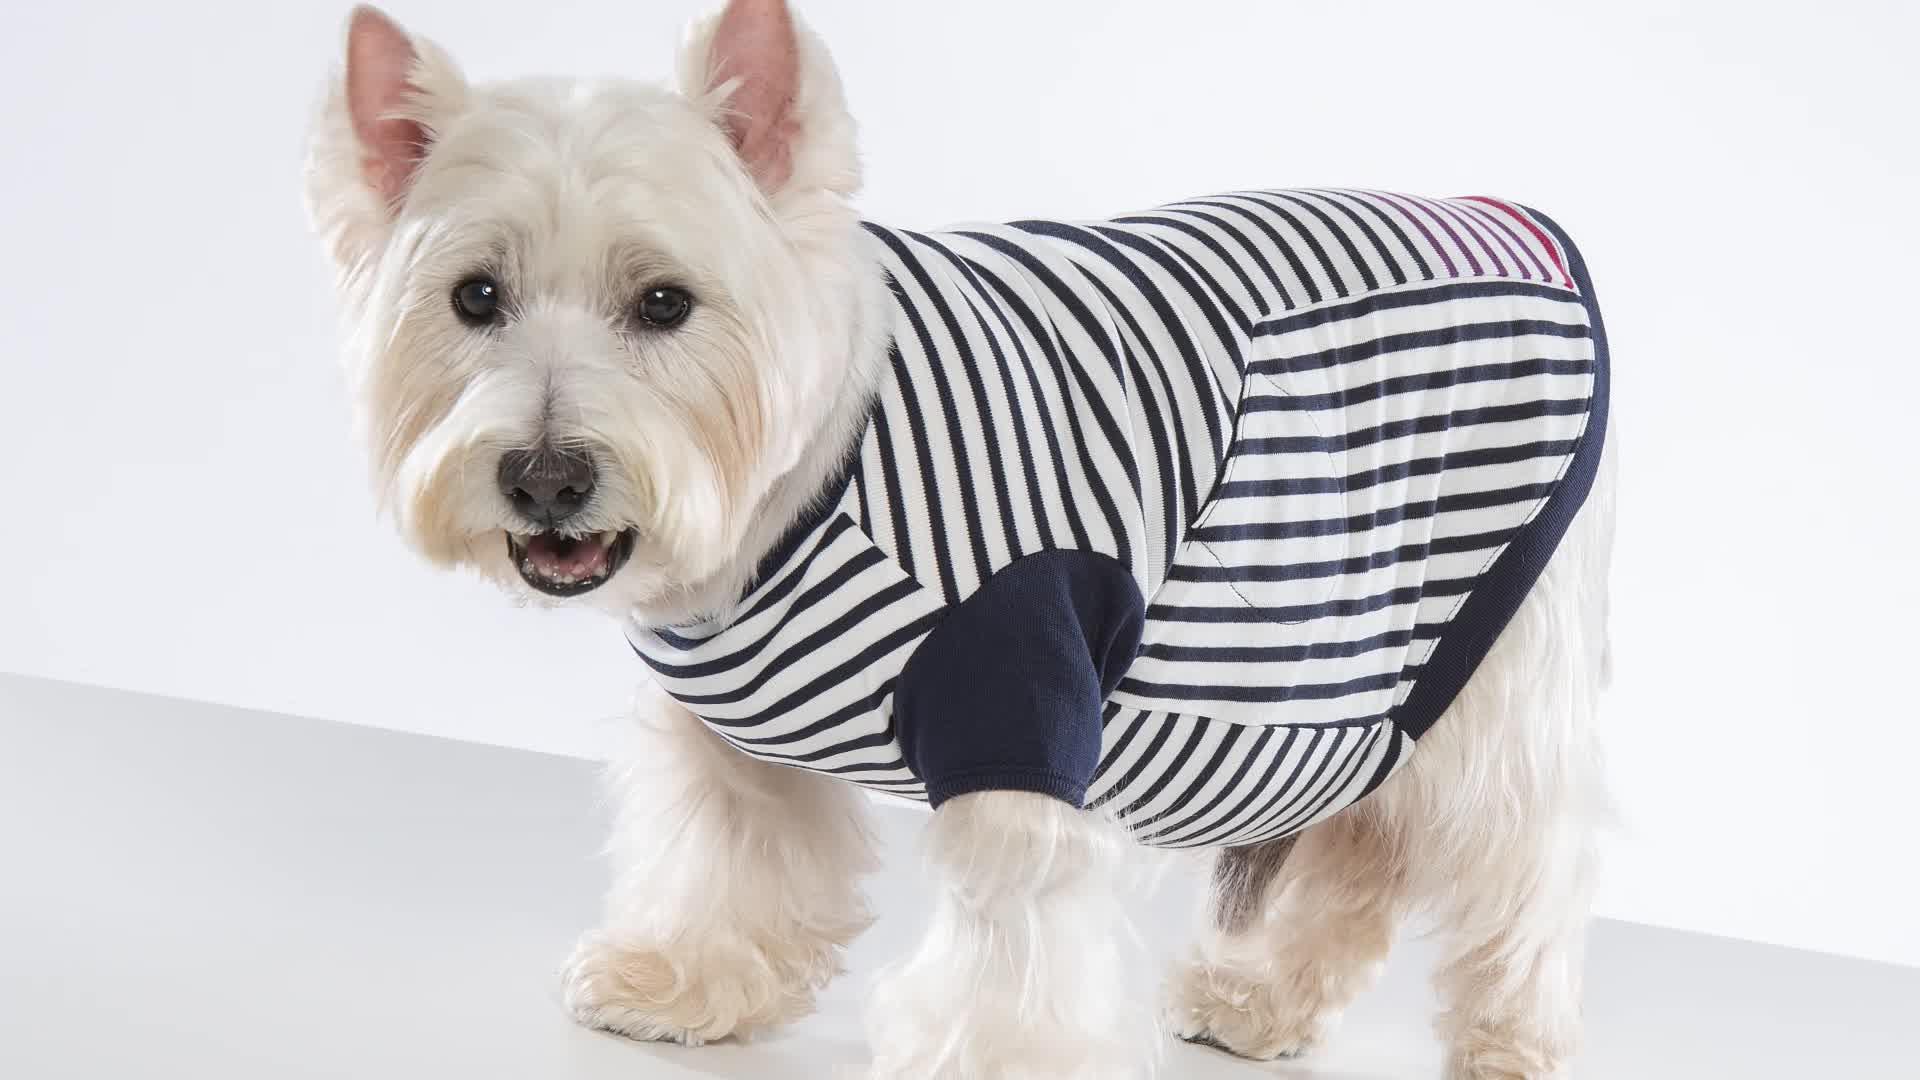 ODM, accesorios para mascotas, vestido para perro, ropa de verano